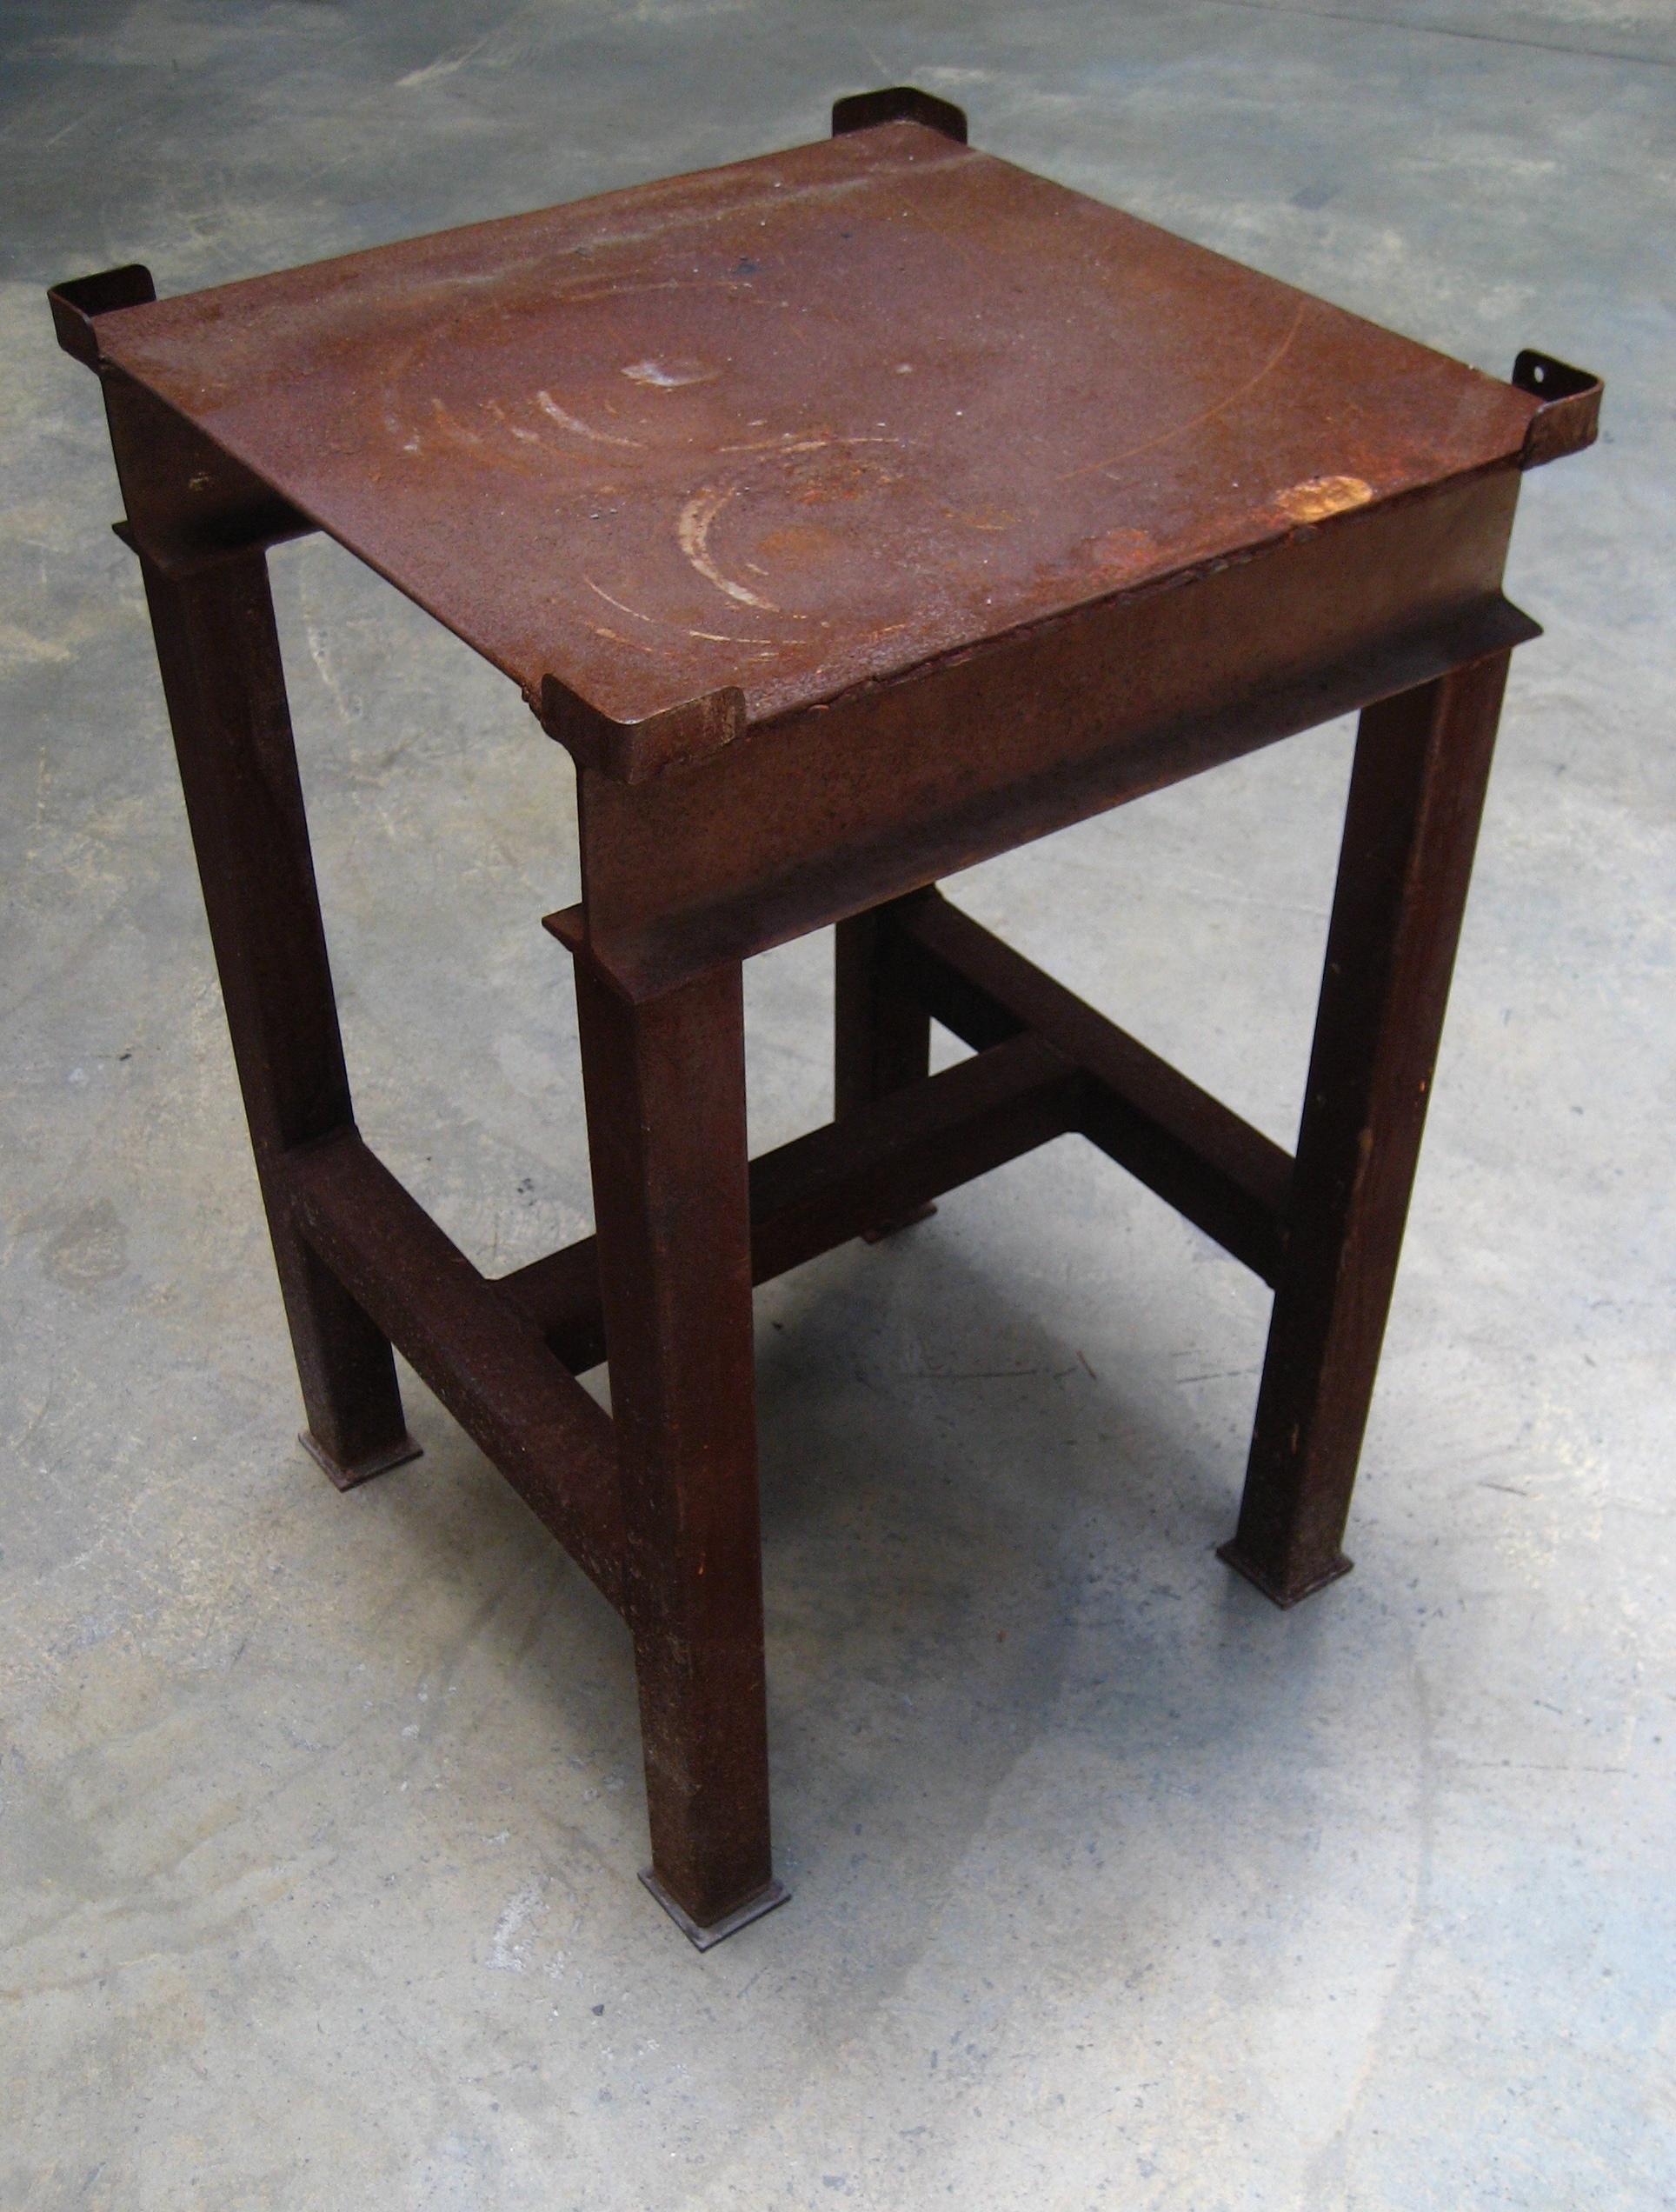 Steel Welding Table (heavy) $40